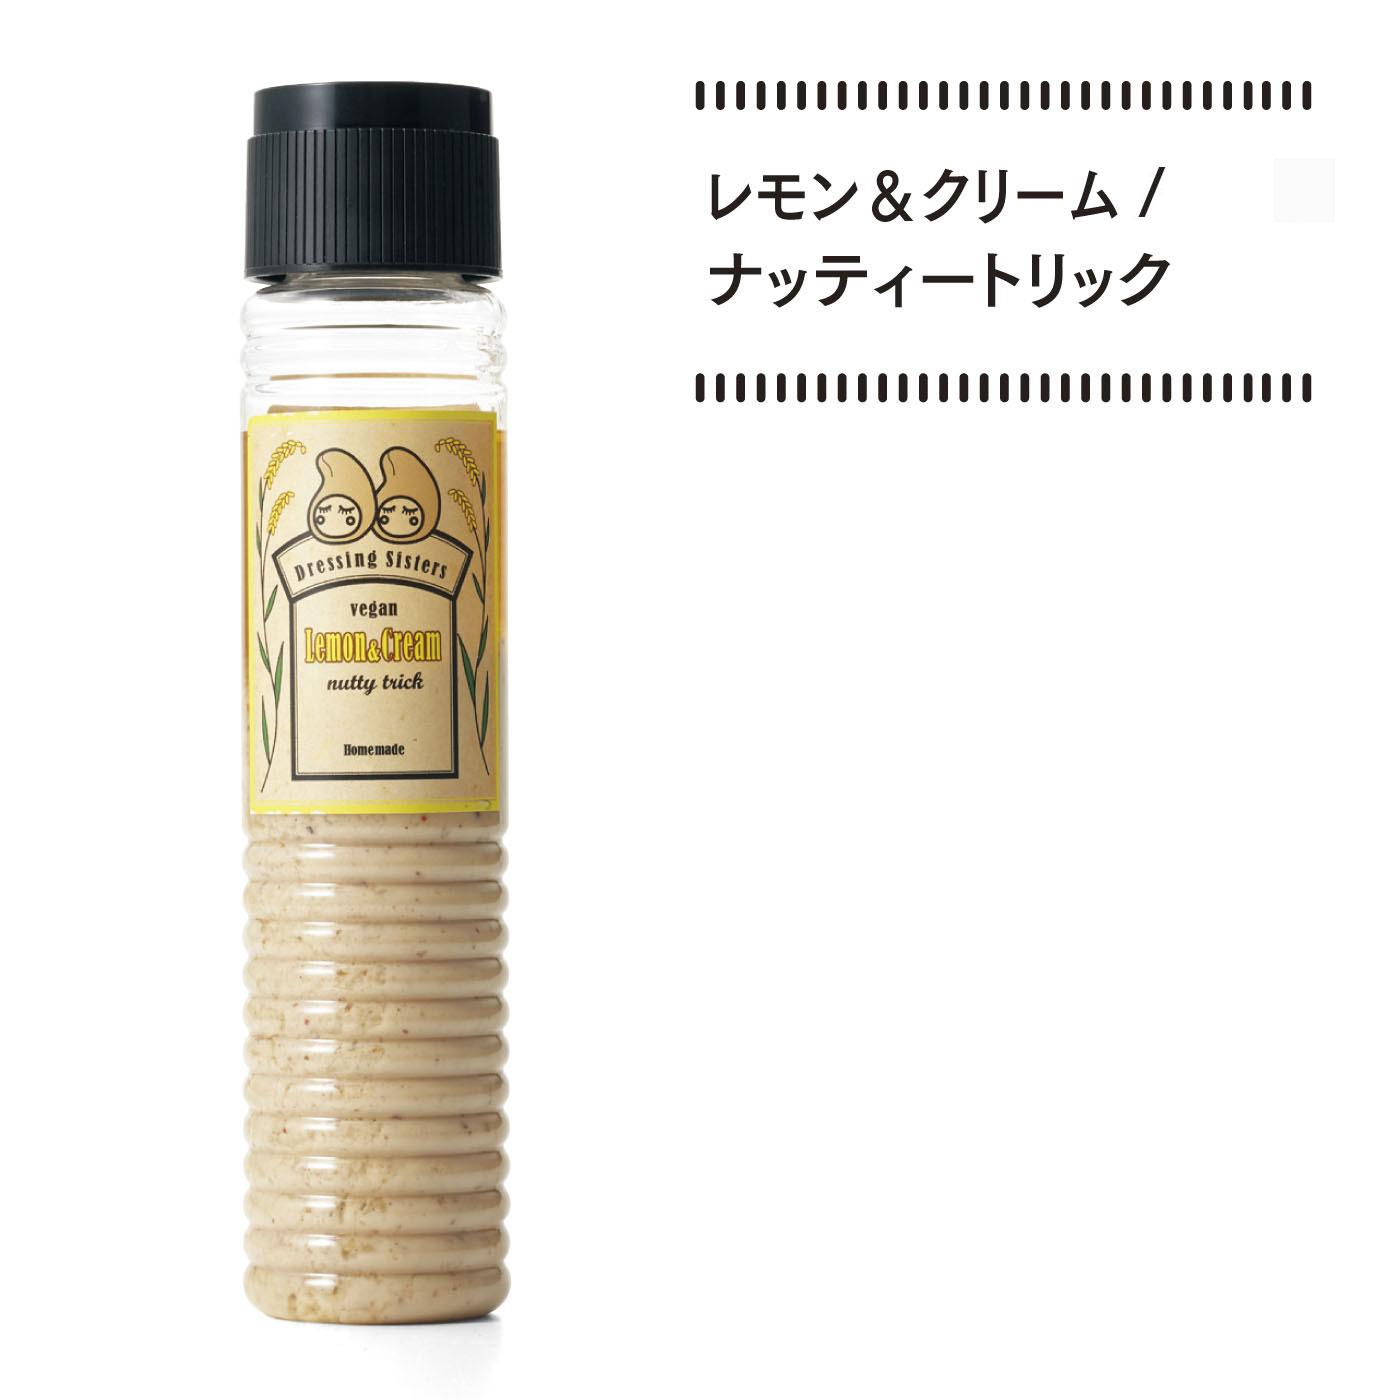 農薬不使用・有機栽培のカシューナッツをベースに、レモンピールでアクセント。乳製品と砂糖を使っていないのにとってもクリーミー![VEGAN対応]